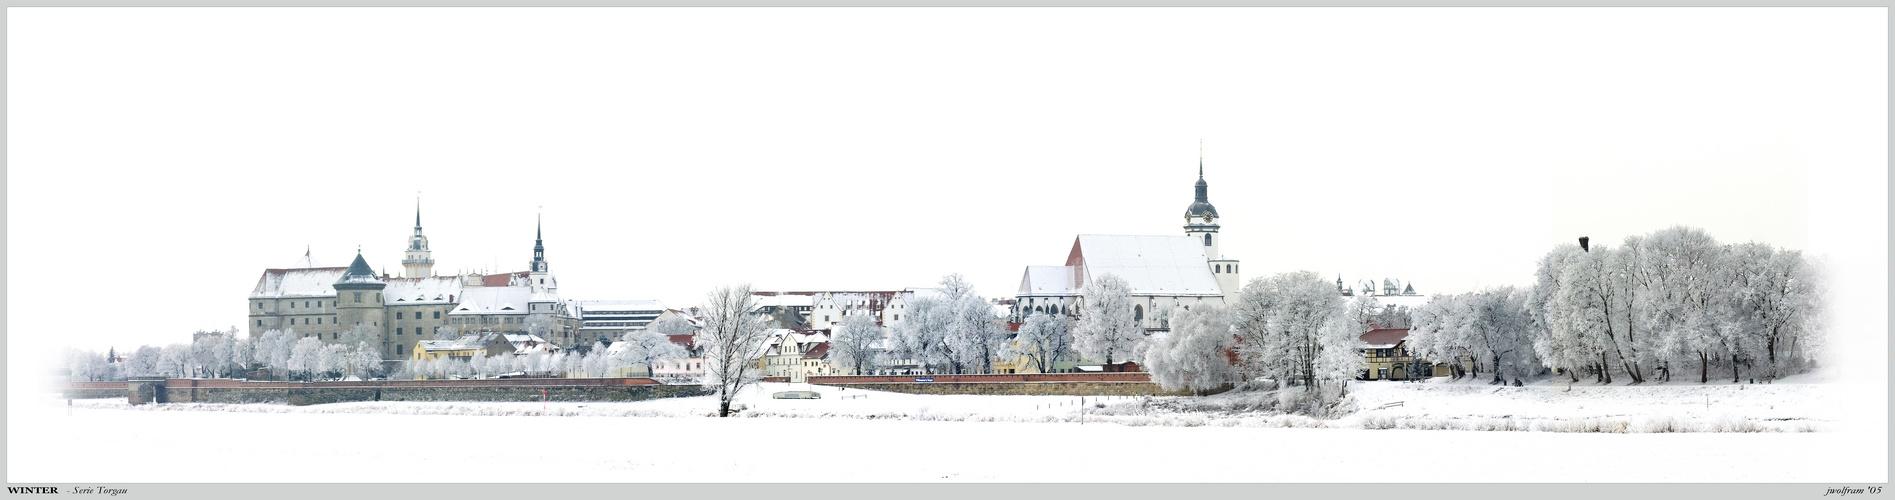 Winterpanorama Torgau